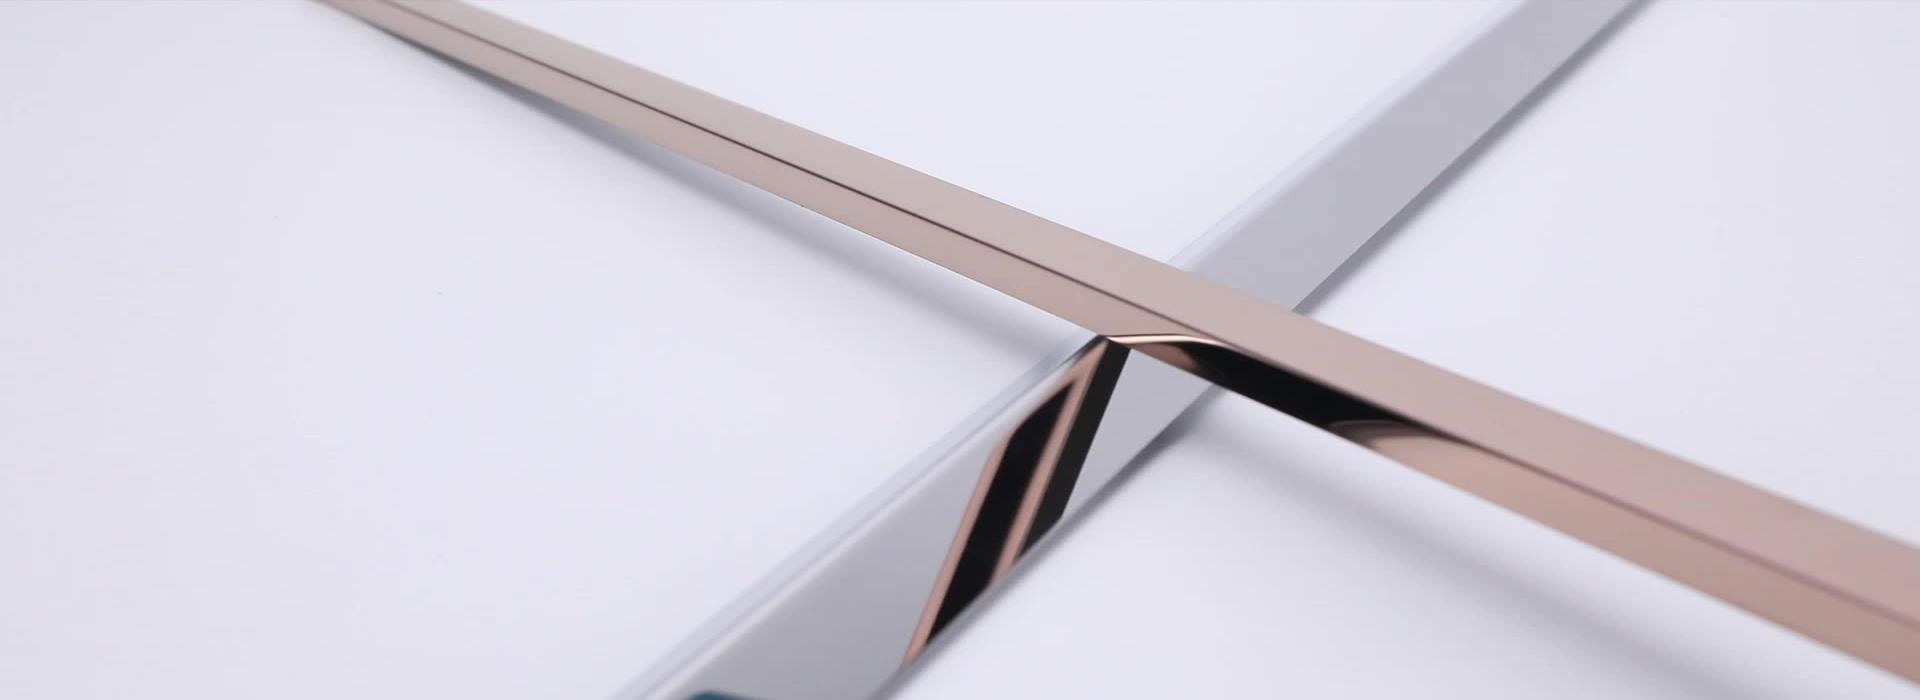 Огромный выбор уголков любых размеров из латуни, алюминия и ПВХ